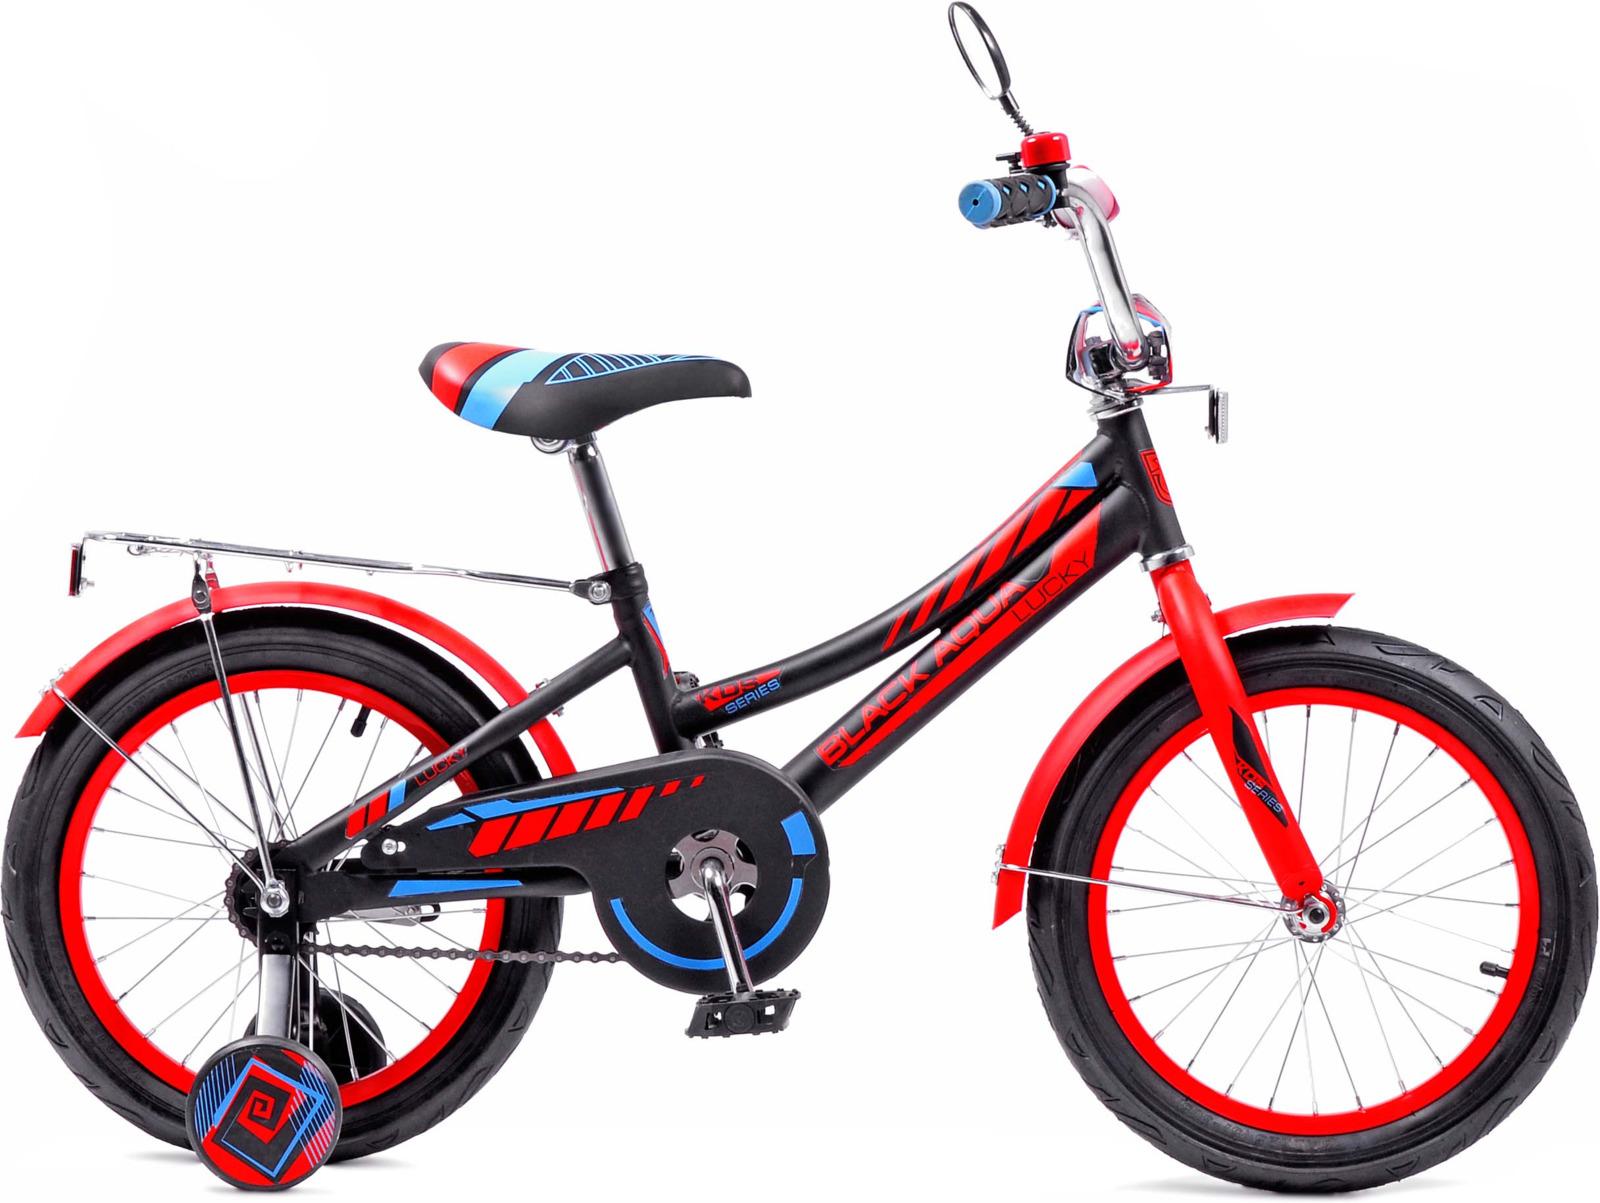 Велосипед детский Black Aqua Lucky, KG1418, с ручкой, колесо 14, черный, красный